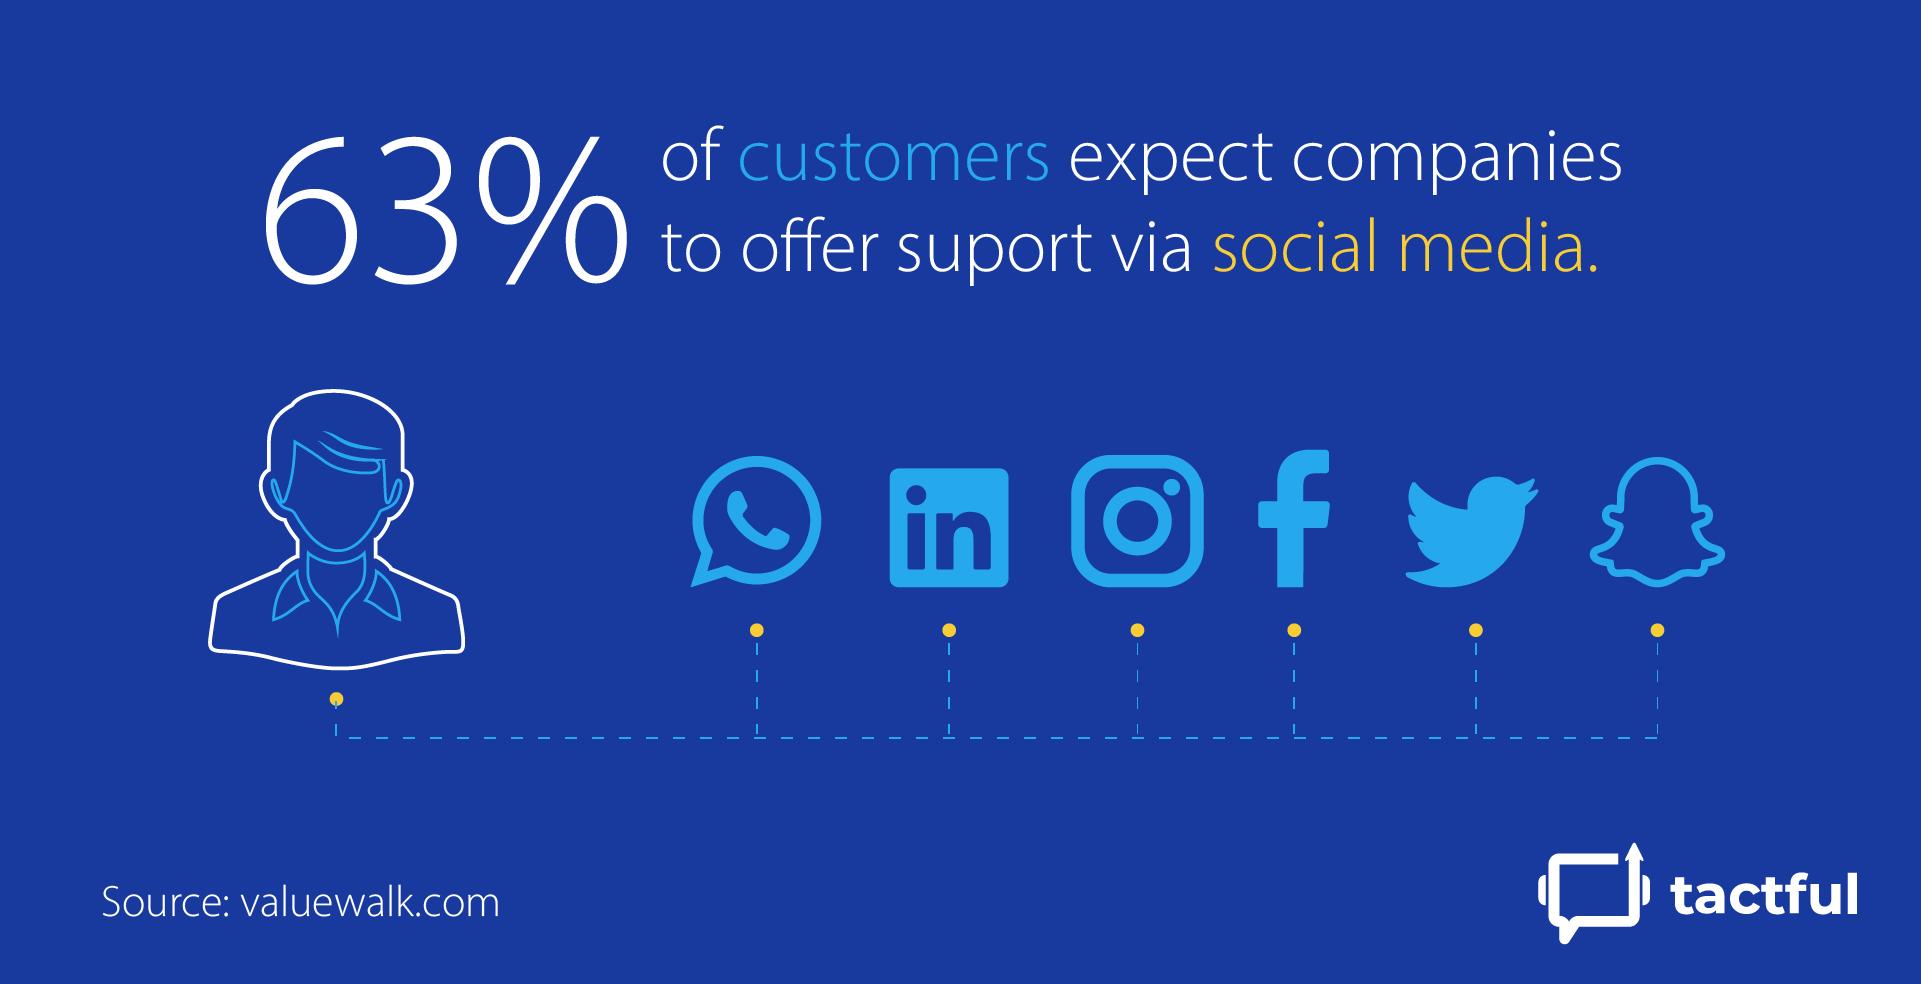 Customer Support Over Social Media